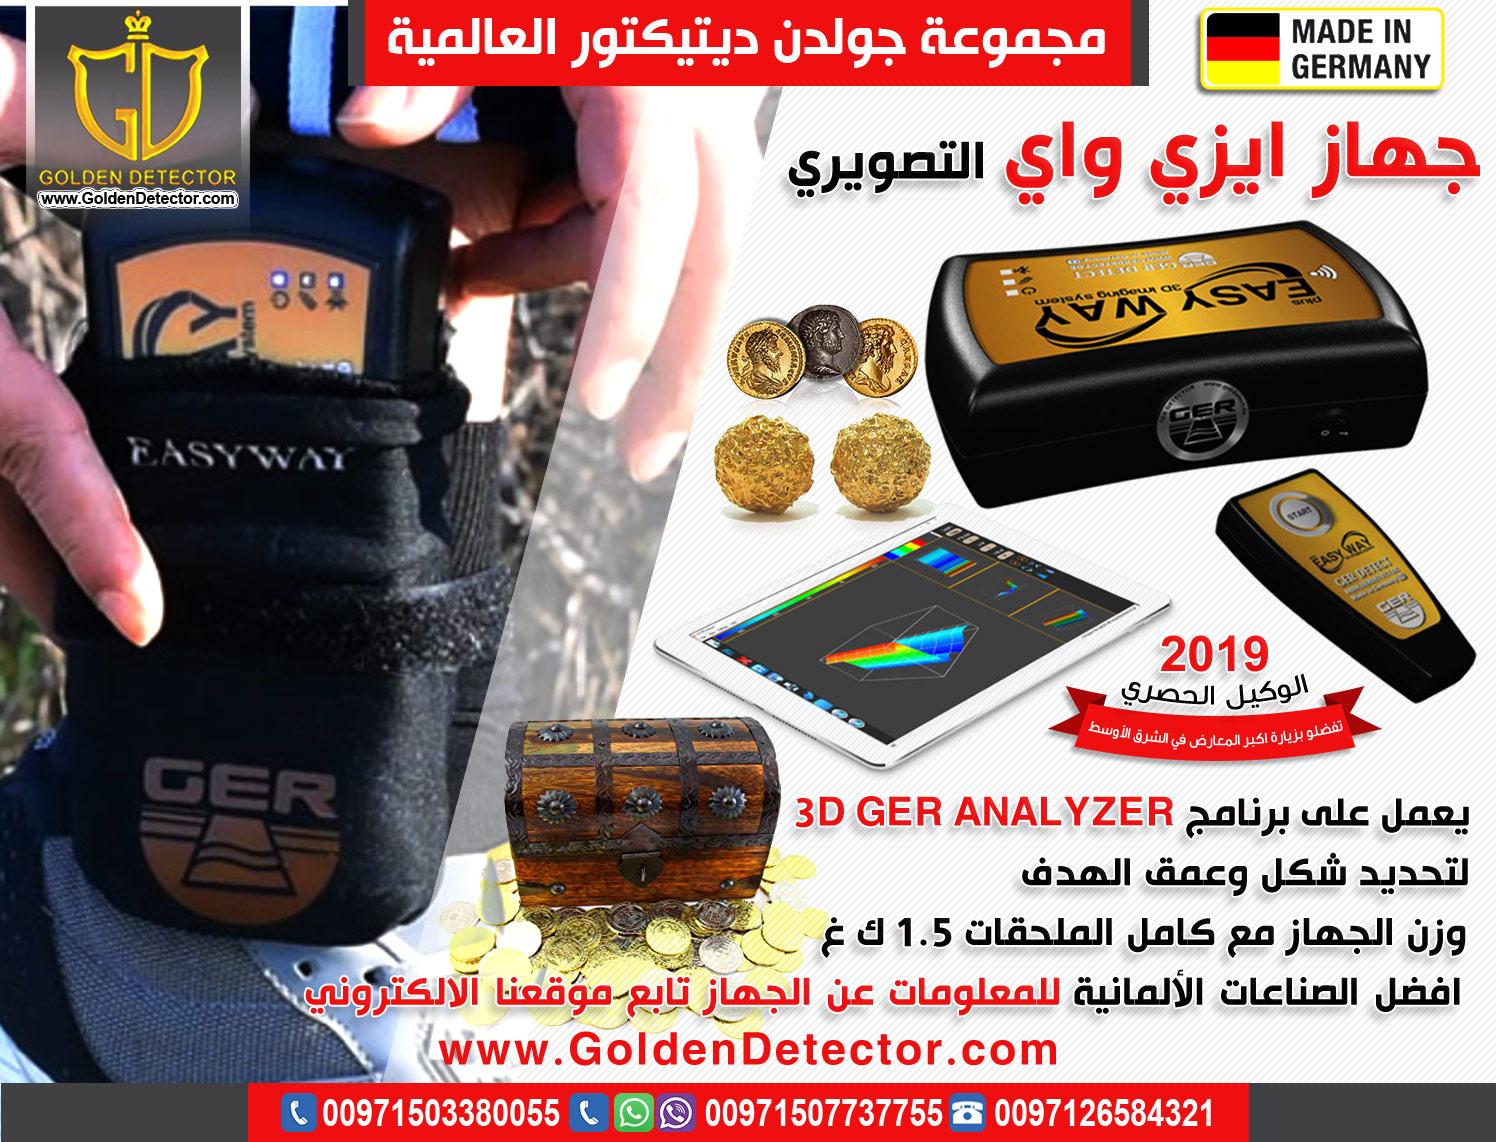 جهاز كشف الذهب والمعادن صغير الحجم - إيزي واي بلس